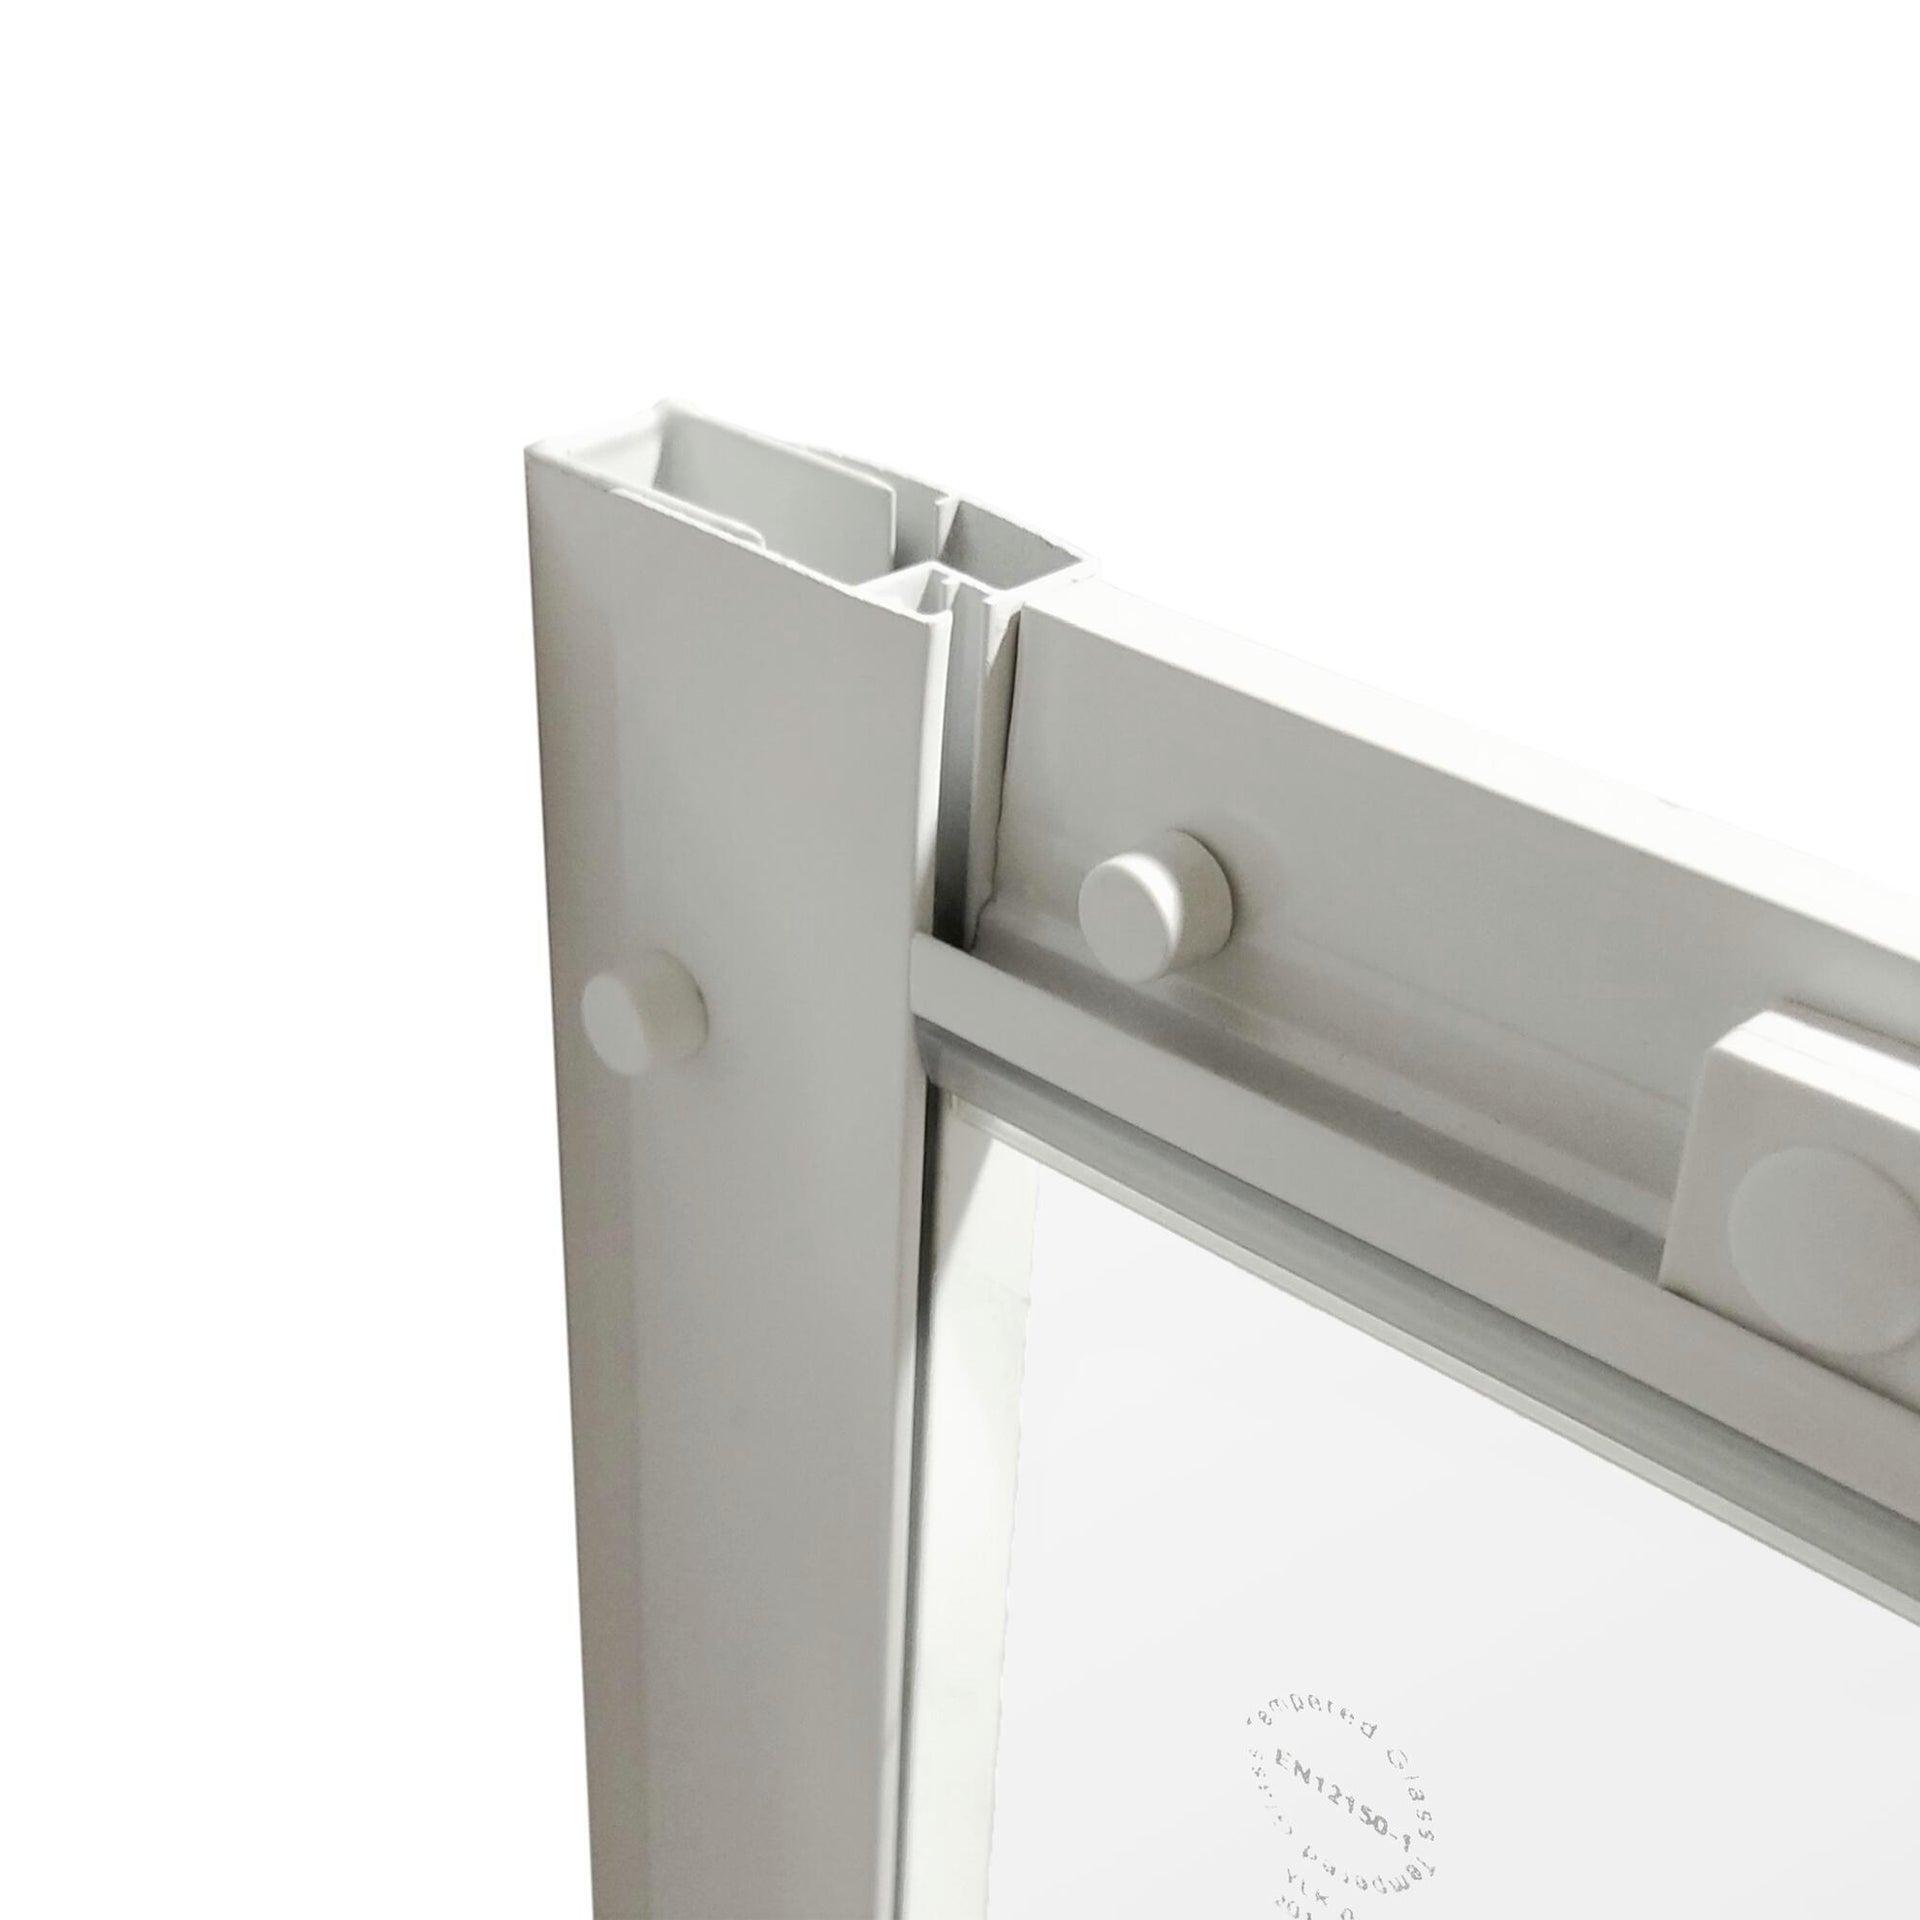 Box doccia semicircolare scorrevole Essential 90 x 90 cm, H 185 cm in vetro temprato, spessore 4 mm serigrafato bianco - 4